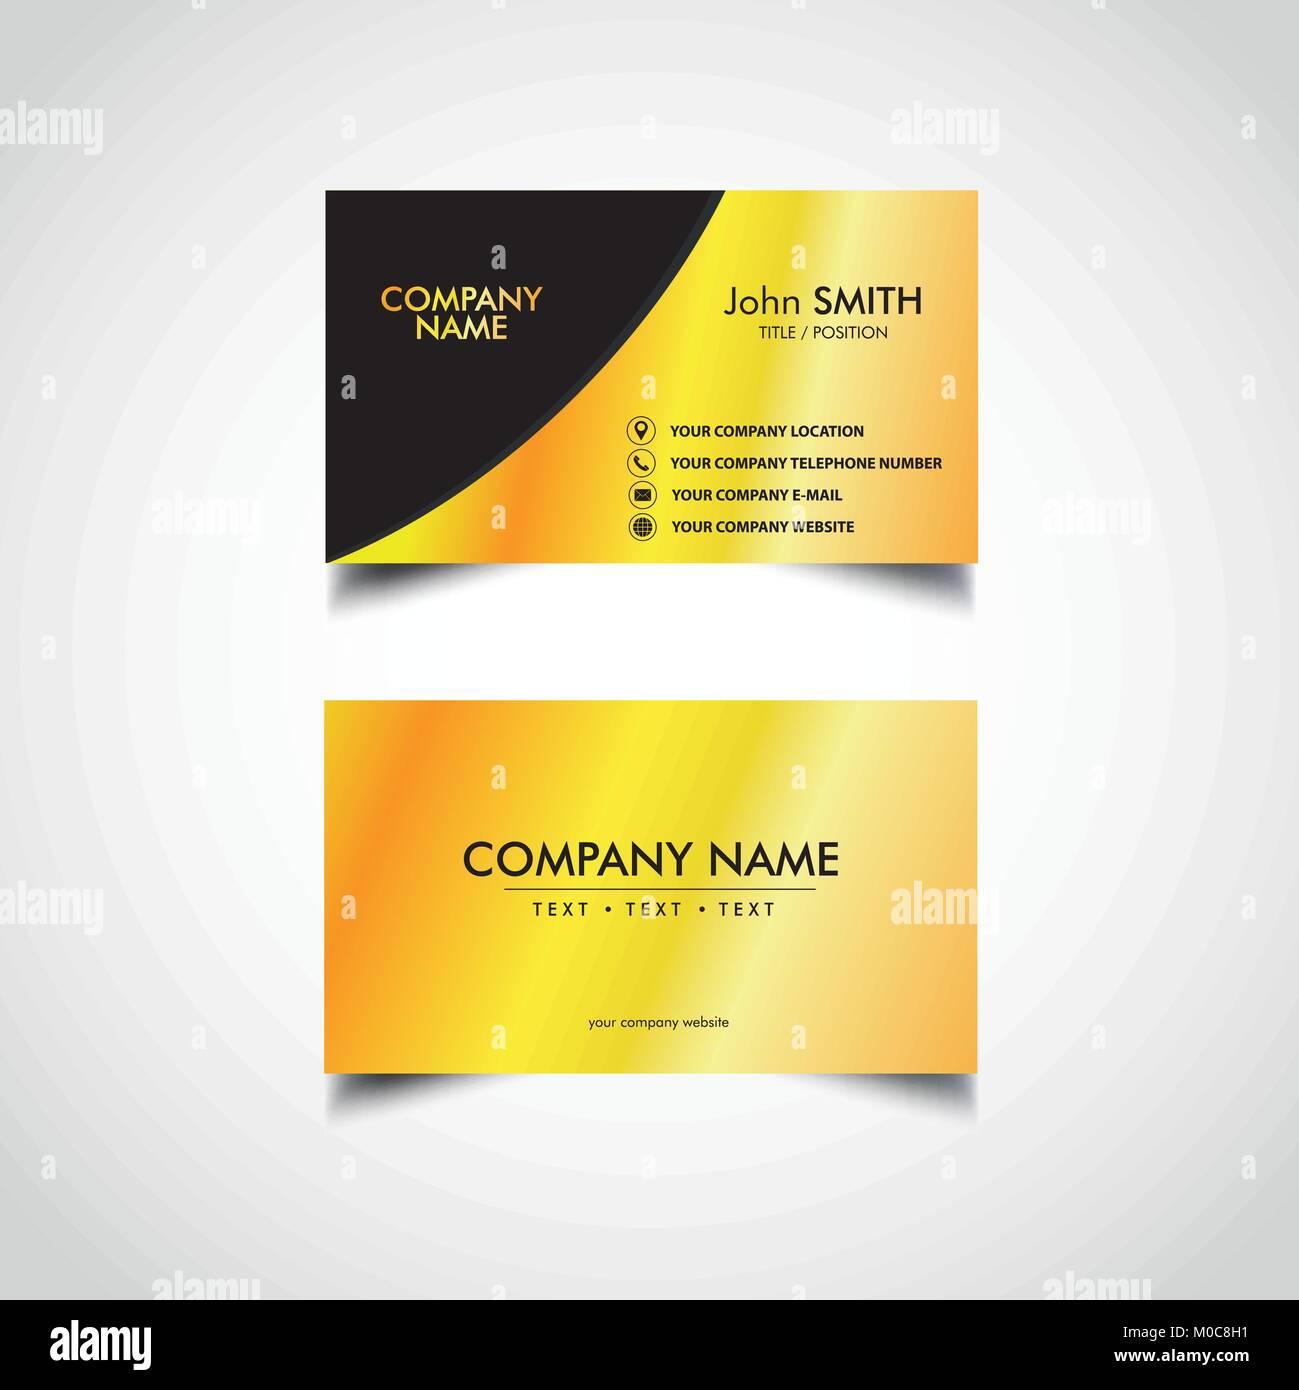 Golden business card template vector illustration eps file stock golden business card template vector illustration eps file flashek Image collections